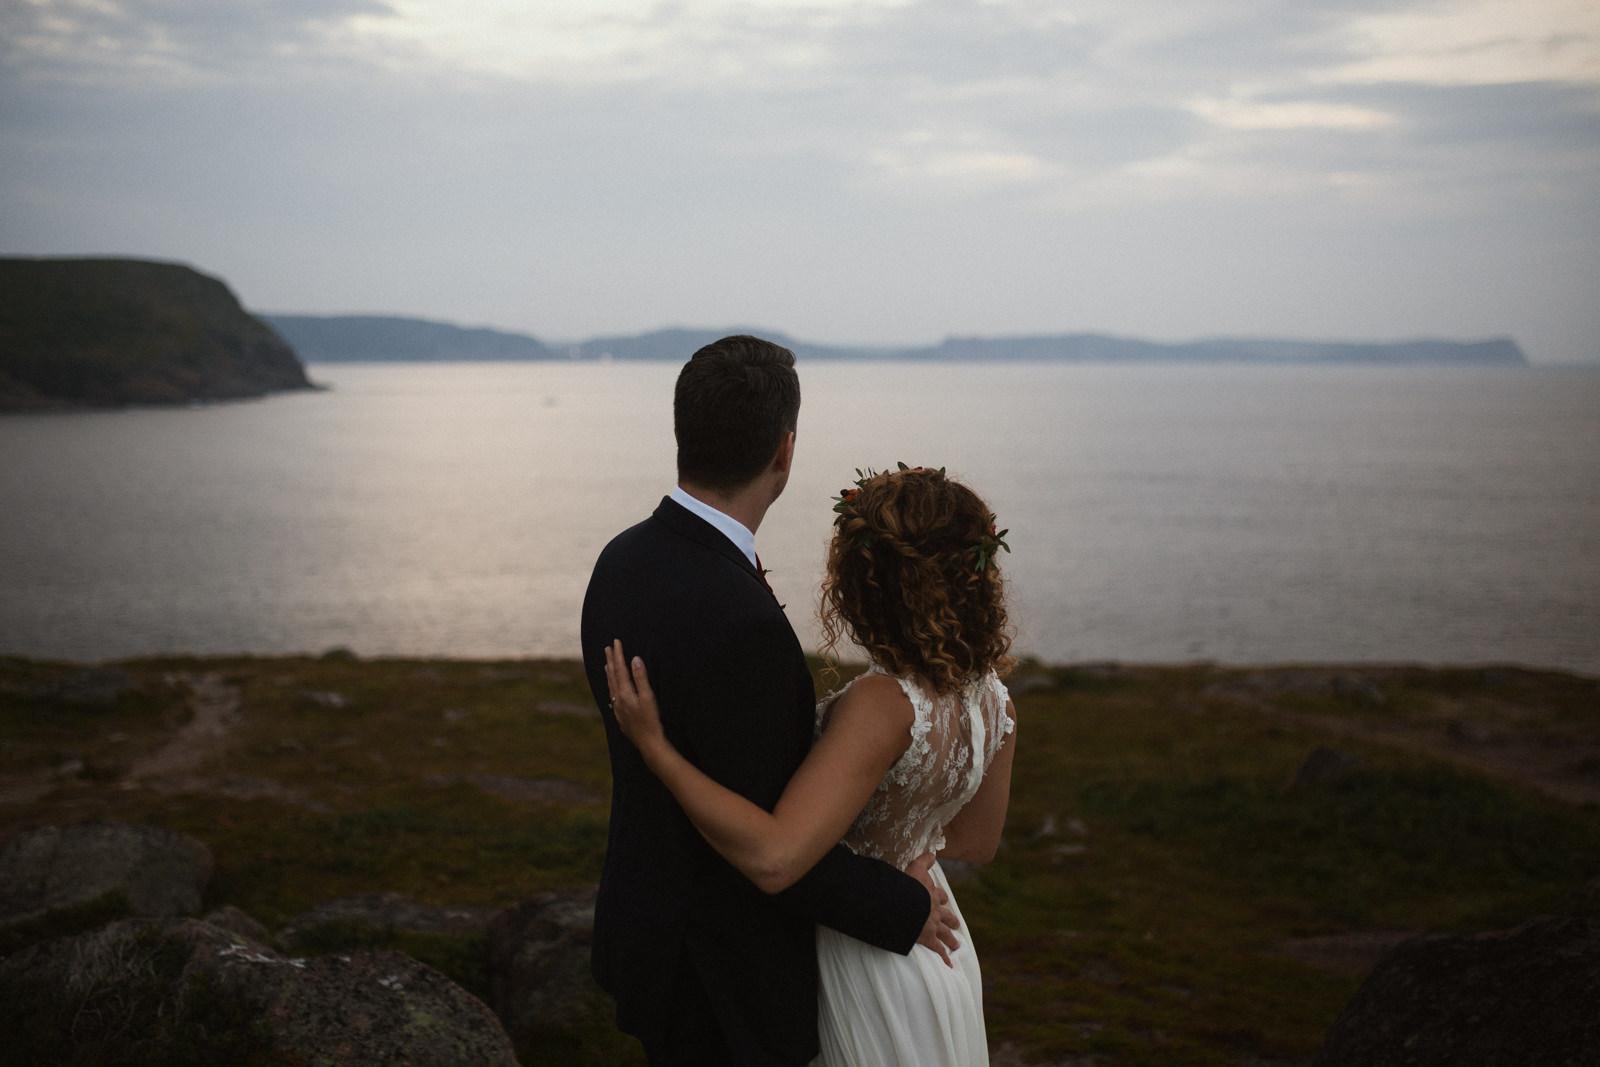 cliffside elopement, cape spear newfoundland elopement photographer